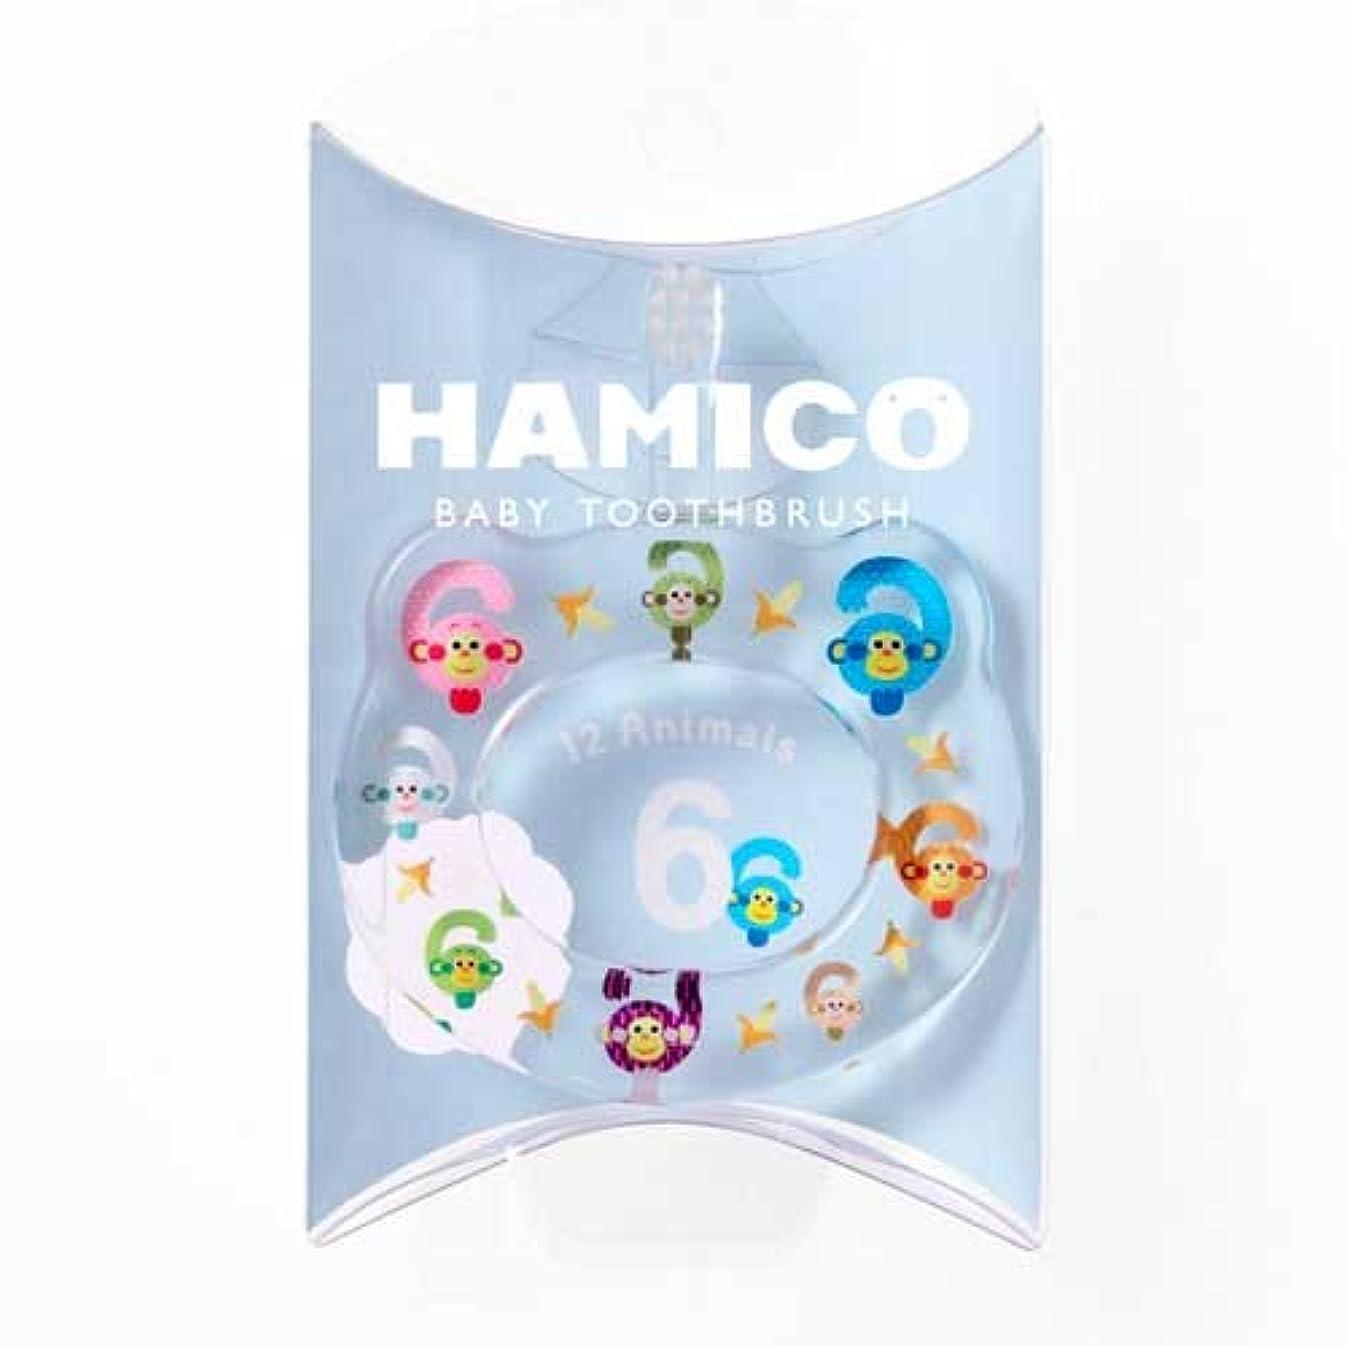 HAMICO(ハミコ) ベビー歯ブラシ 「12 Animals(12アニマルズ)」シリーズ サル (06)